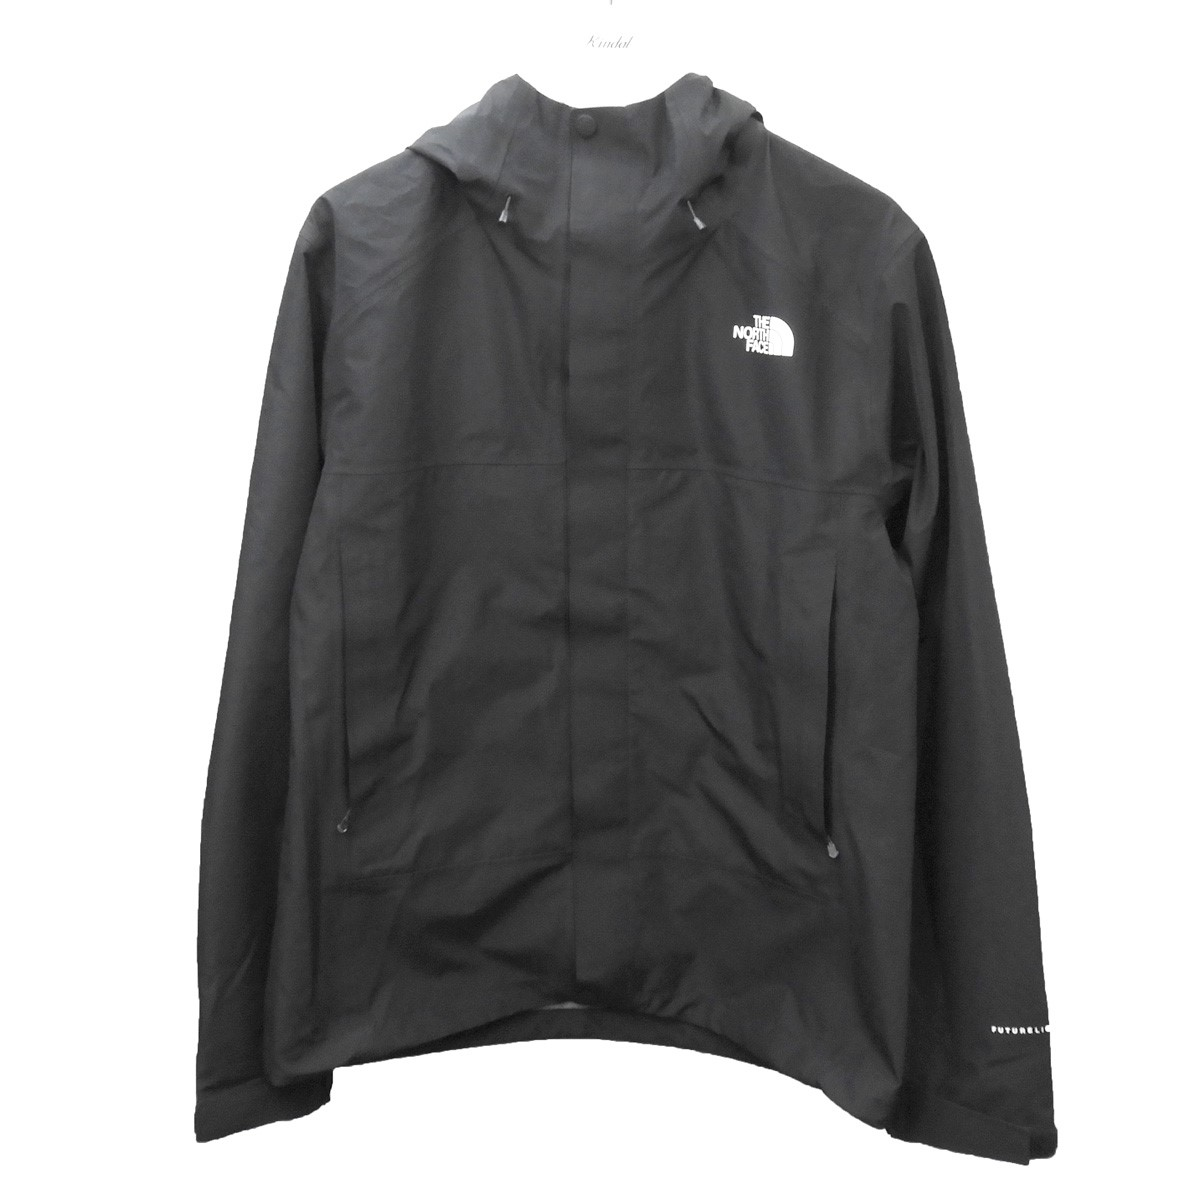 【中古】THE NORTH FACE 「FL Drizzle Jacket」ドリズルジャケット ブラック サイズ:L 【100720】(ザノースフェイス)